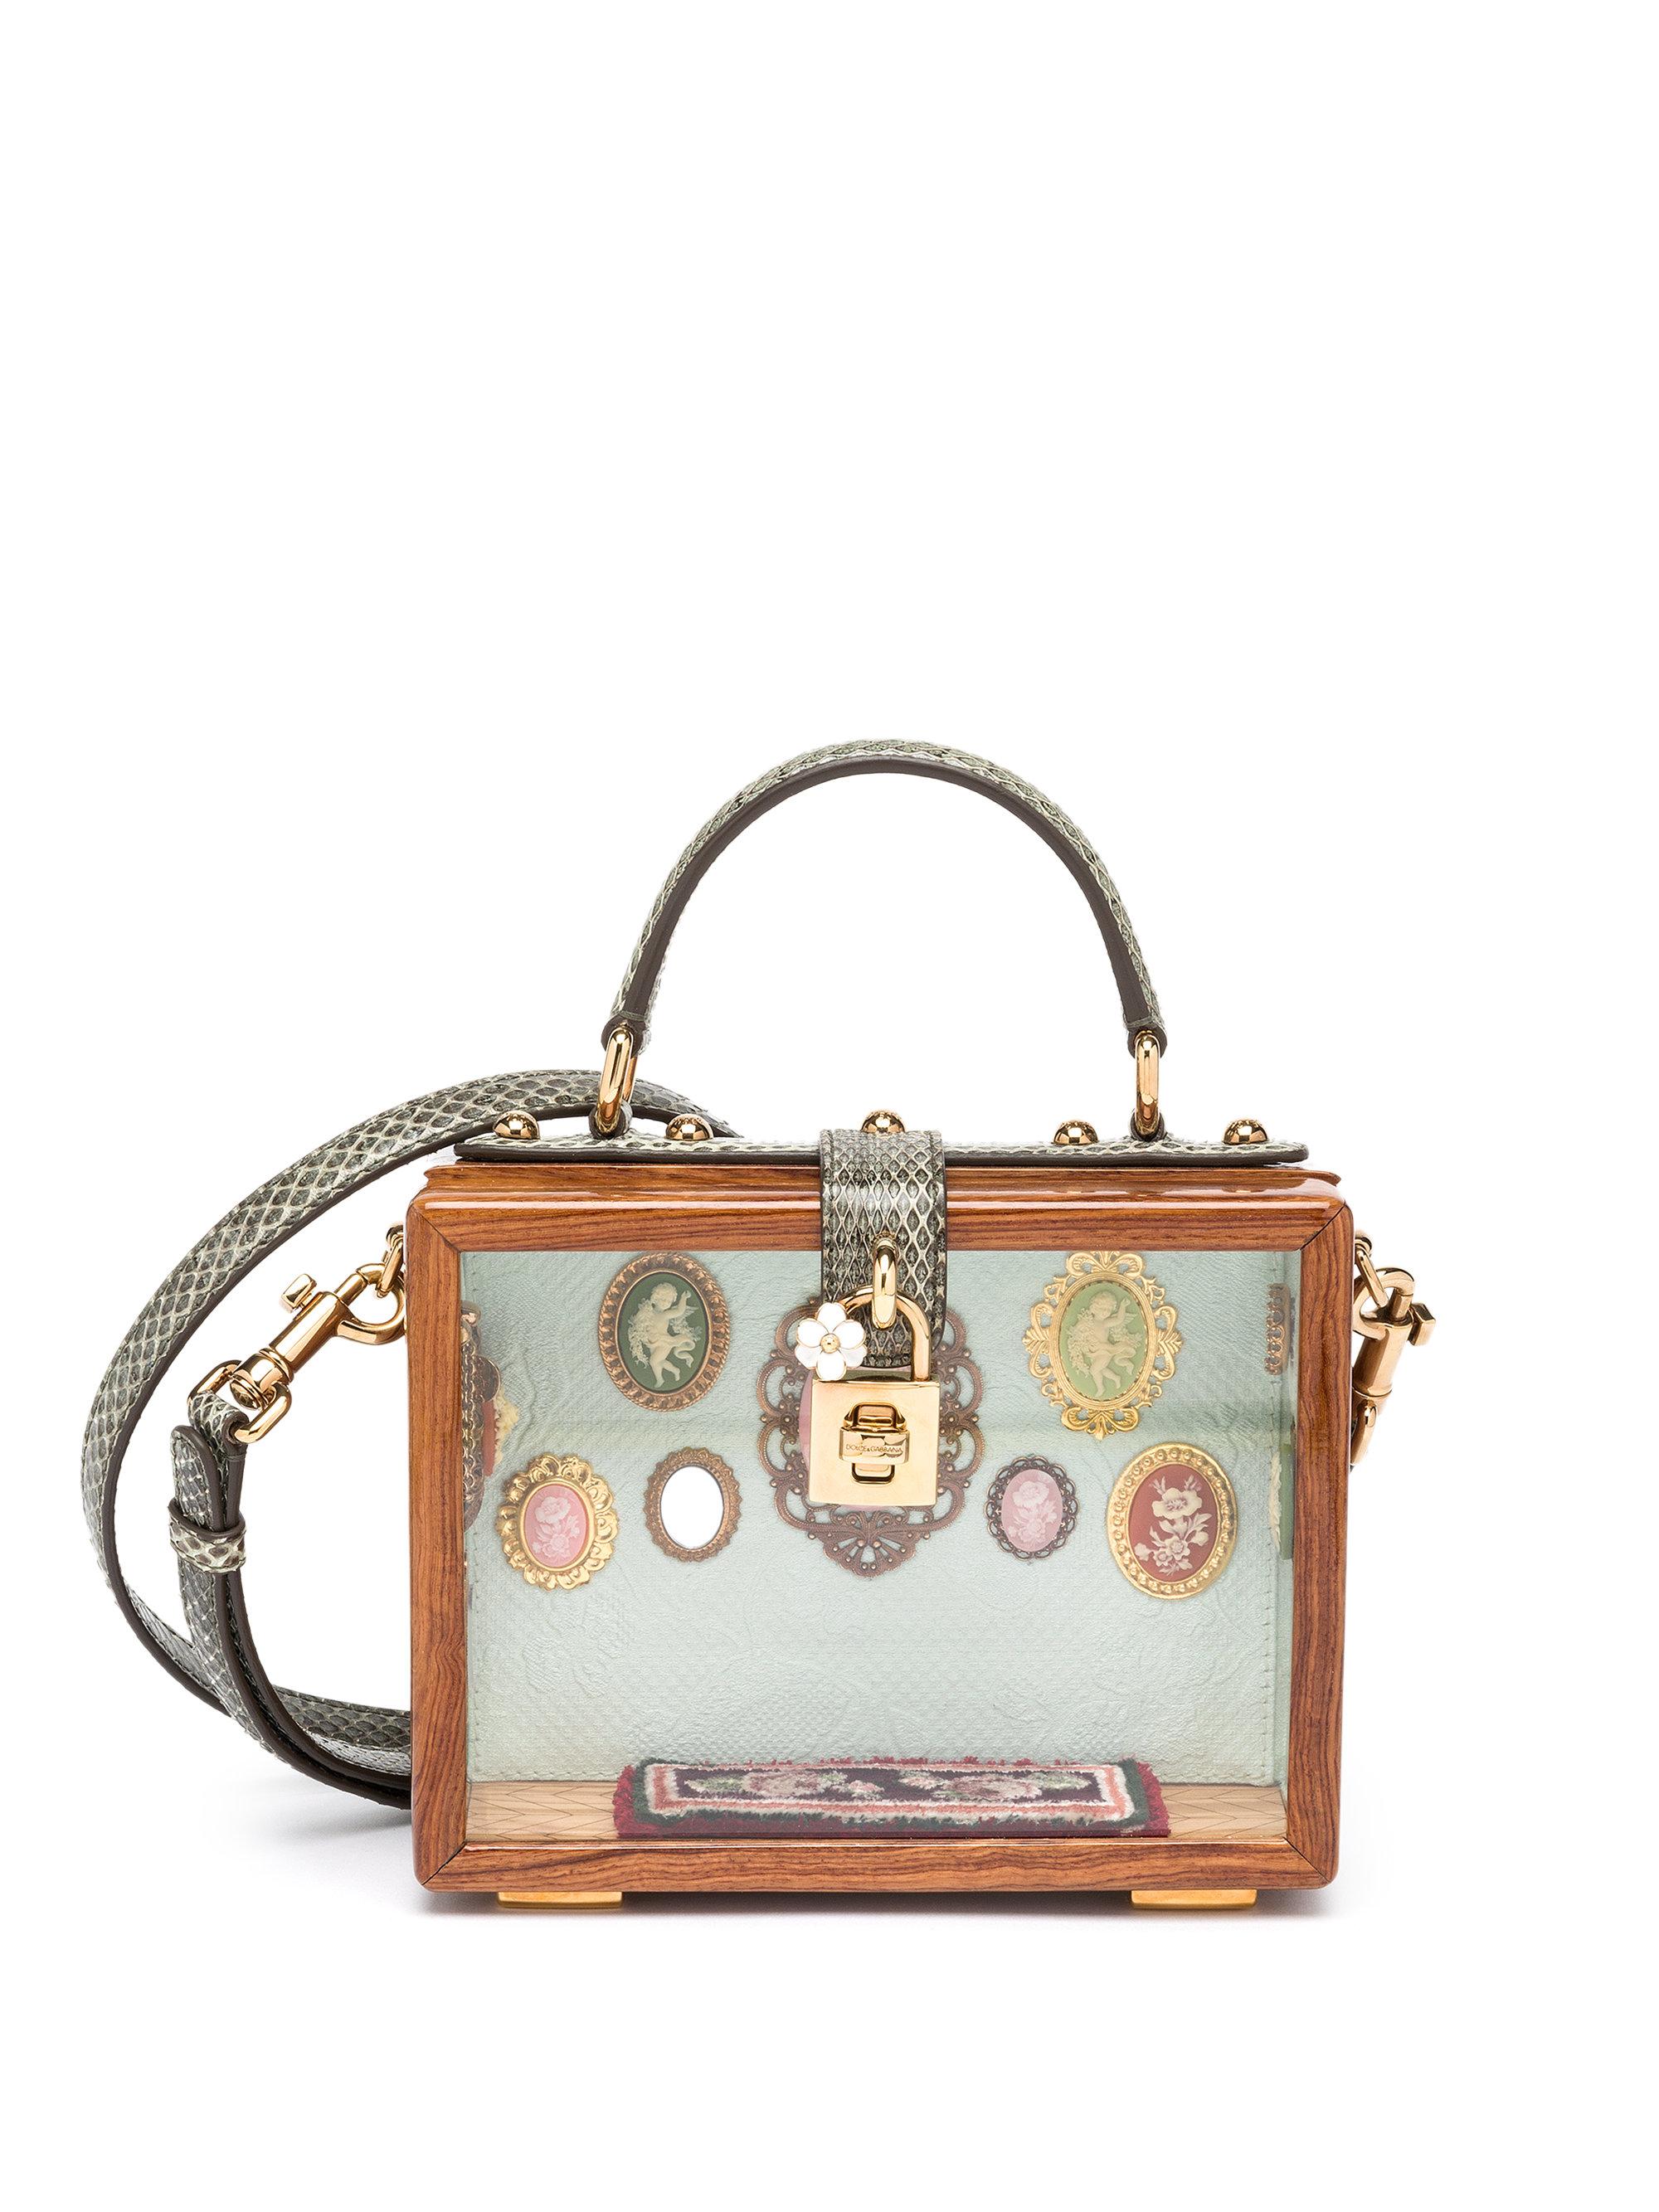 Dolce & Gabbana Embellished Wood Shoulder Bag C9VIi